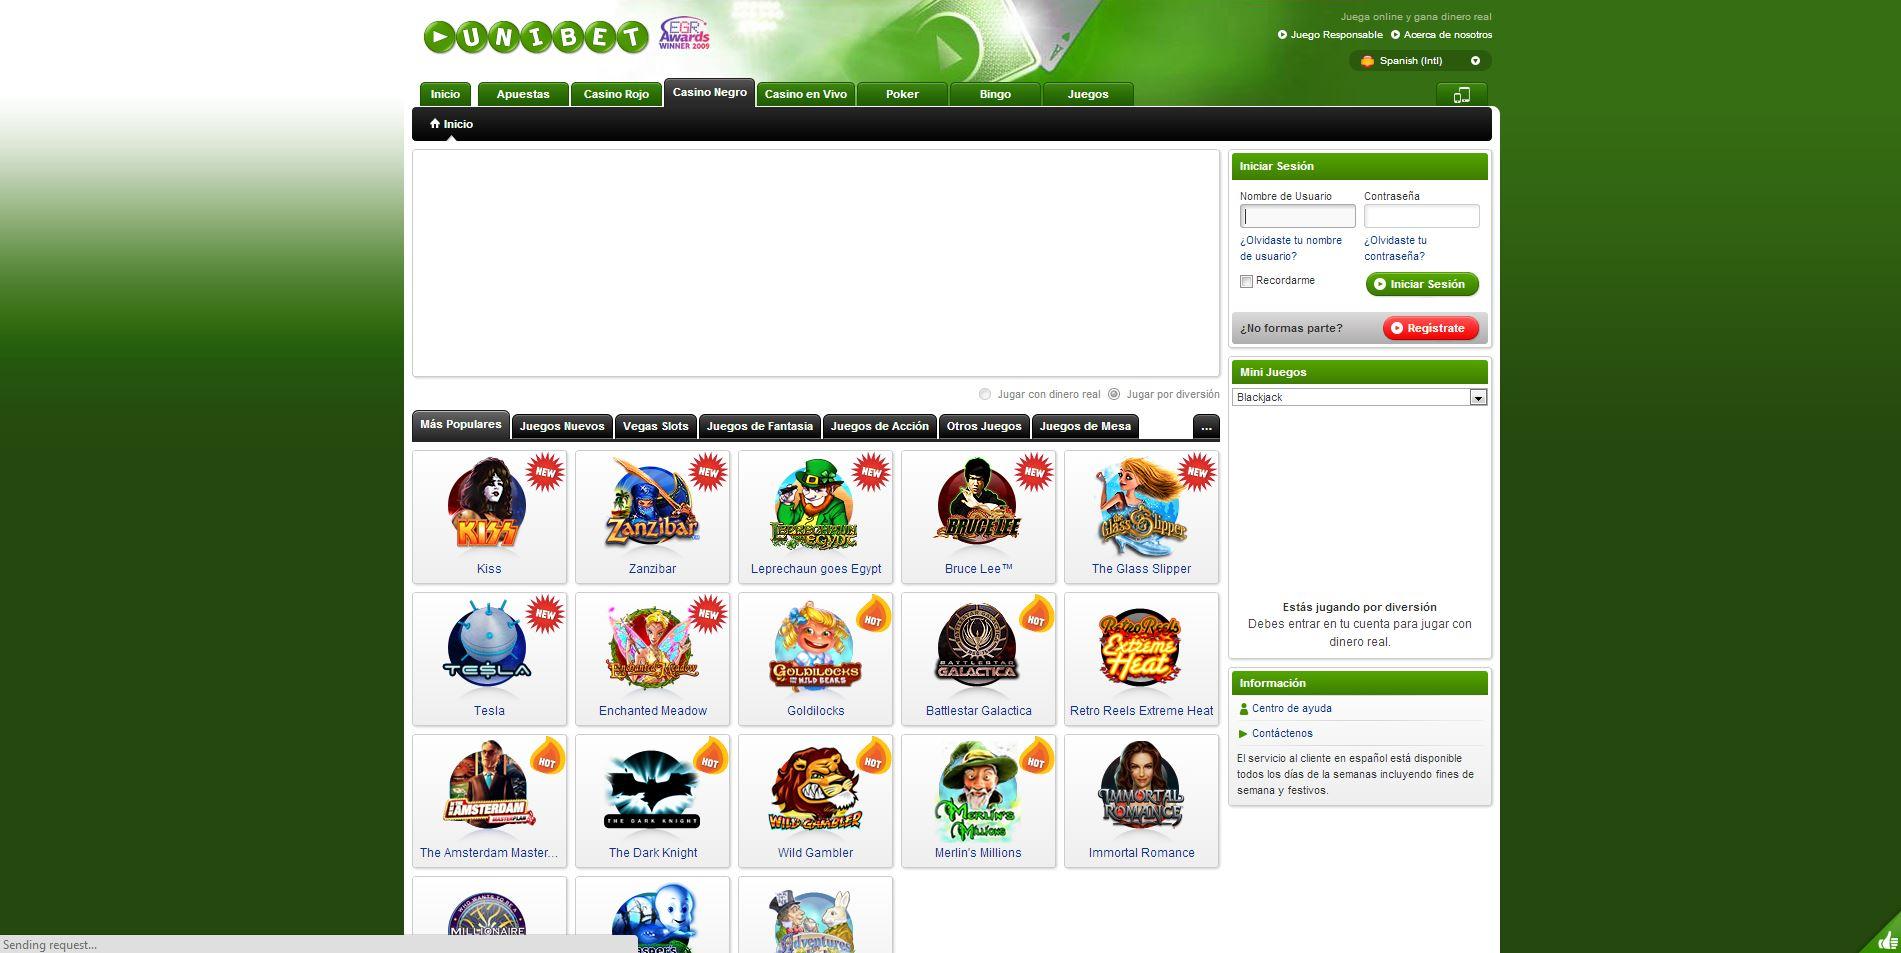 Zugelassene online Casinos - 5774